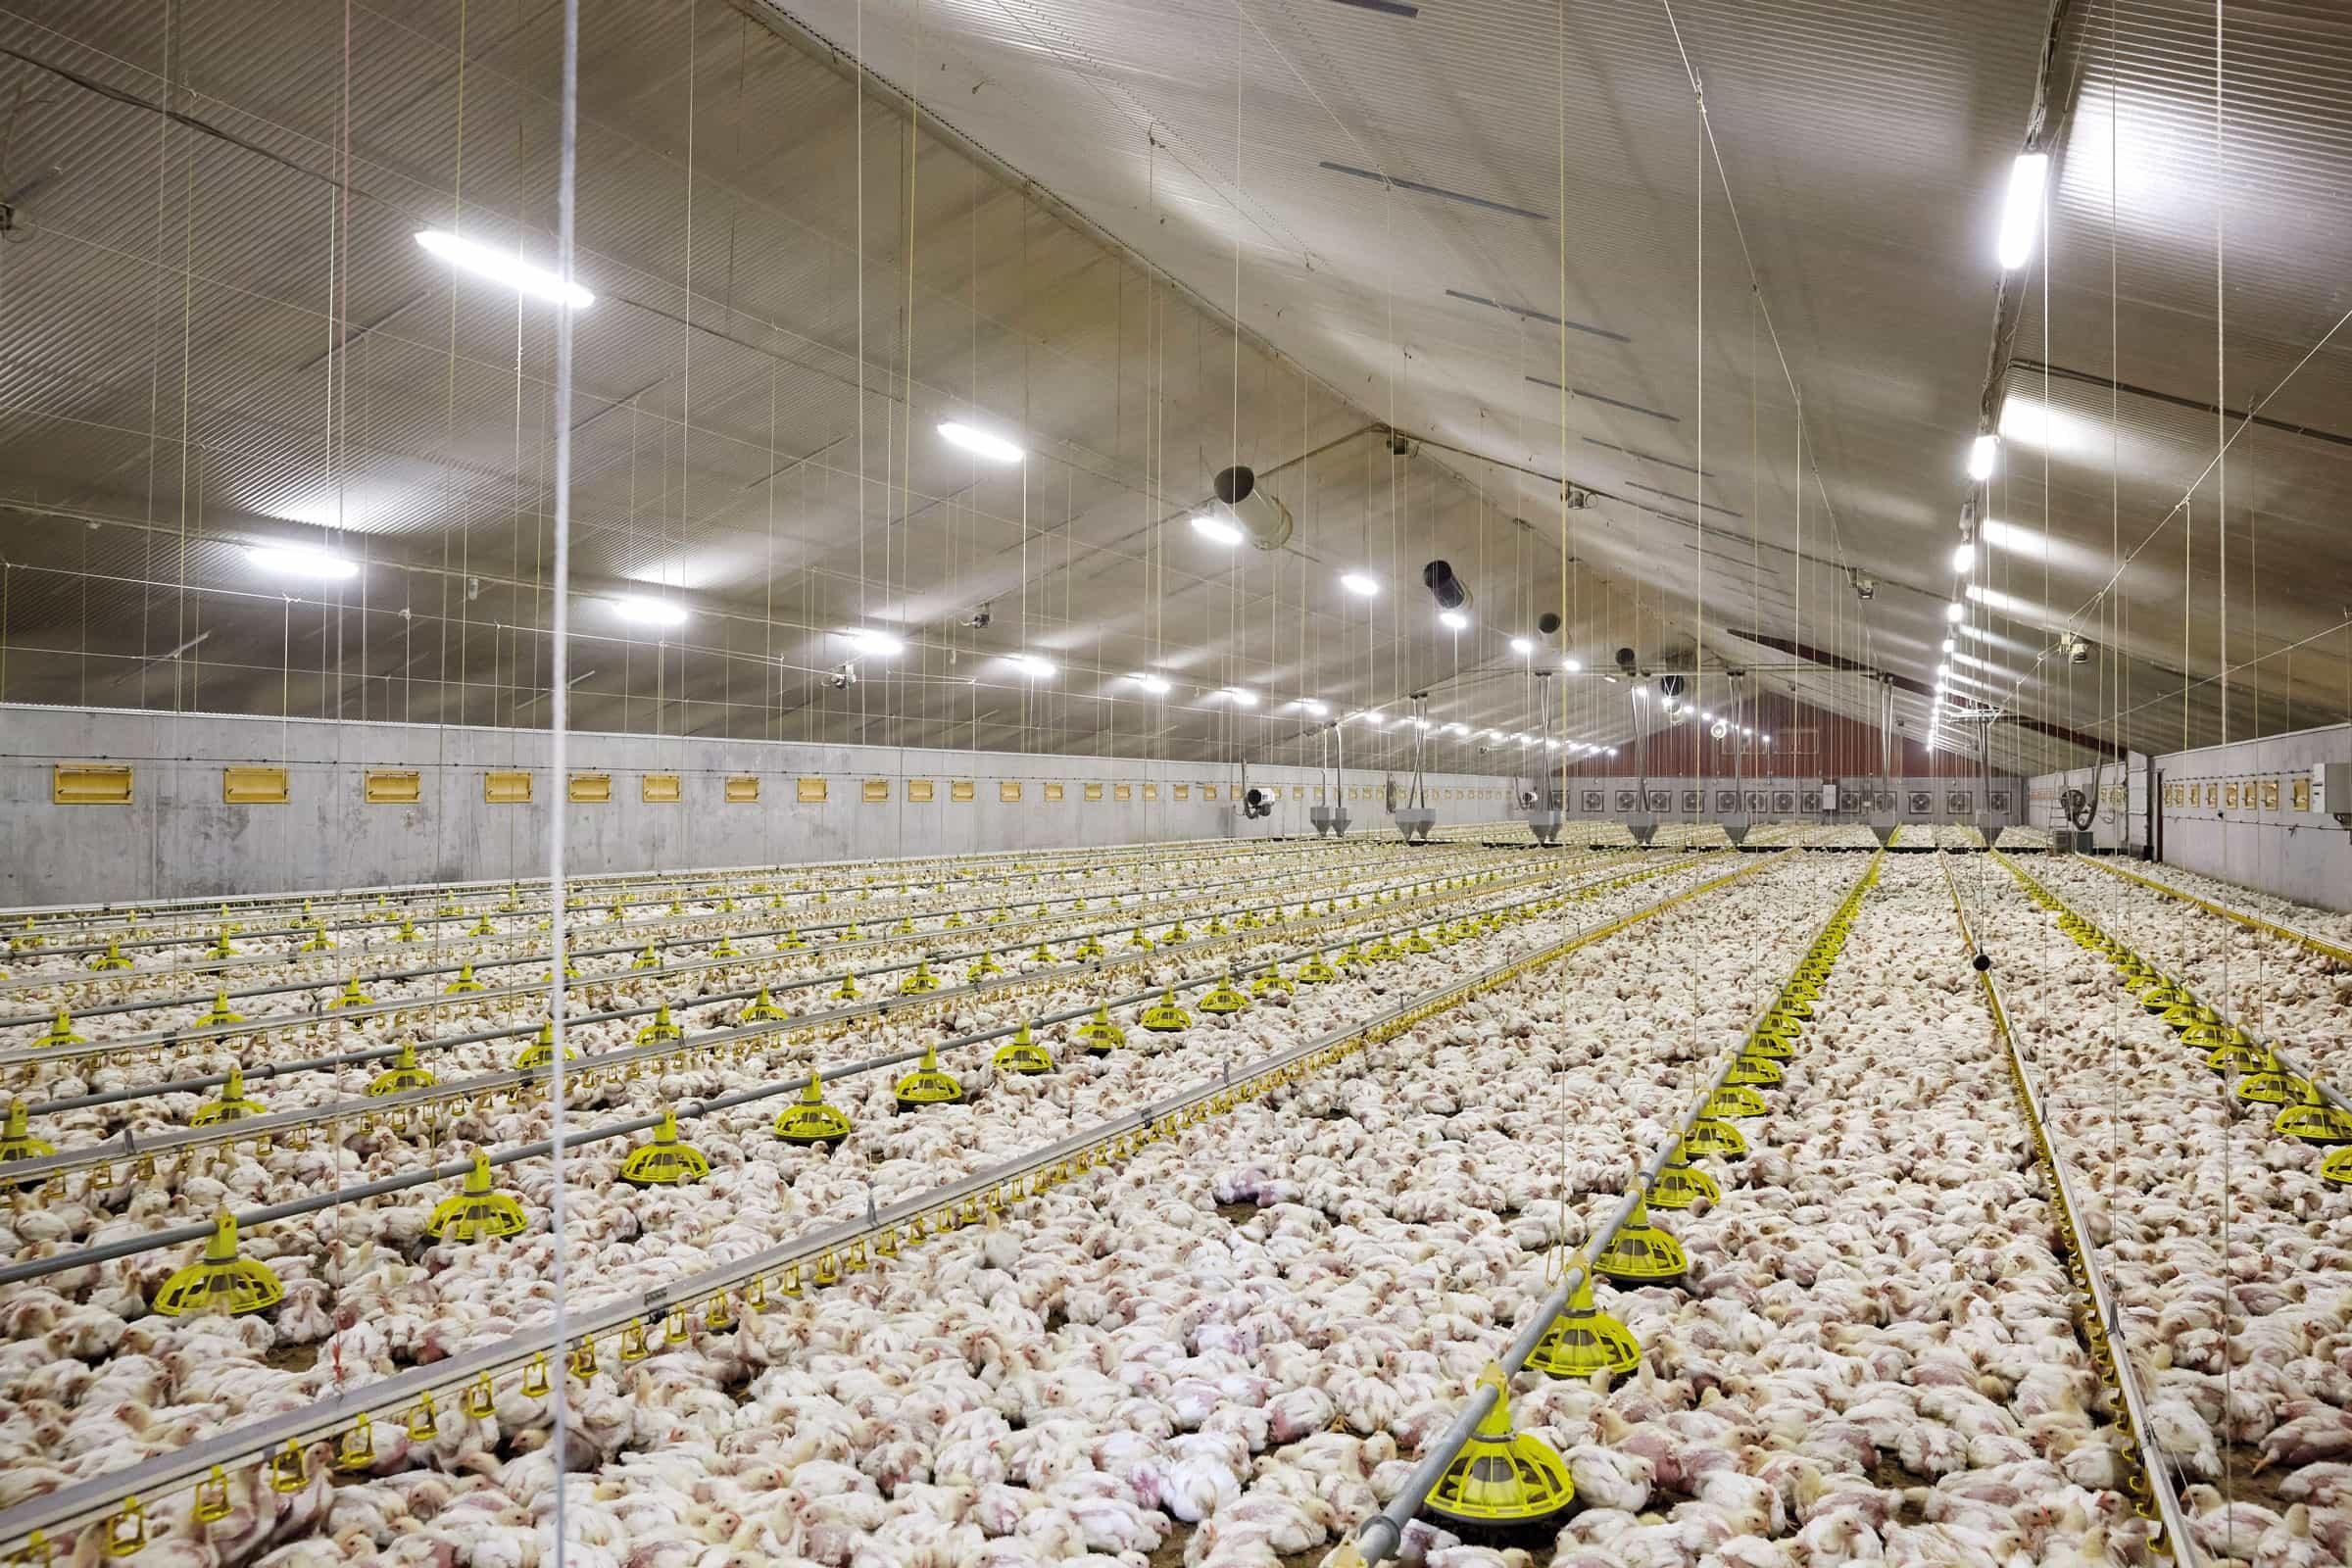 vleeskuikenvoer Stabielo voeren